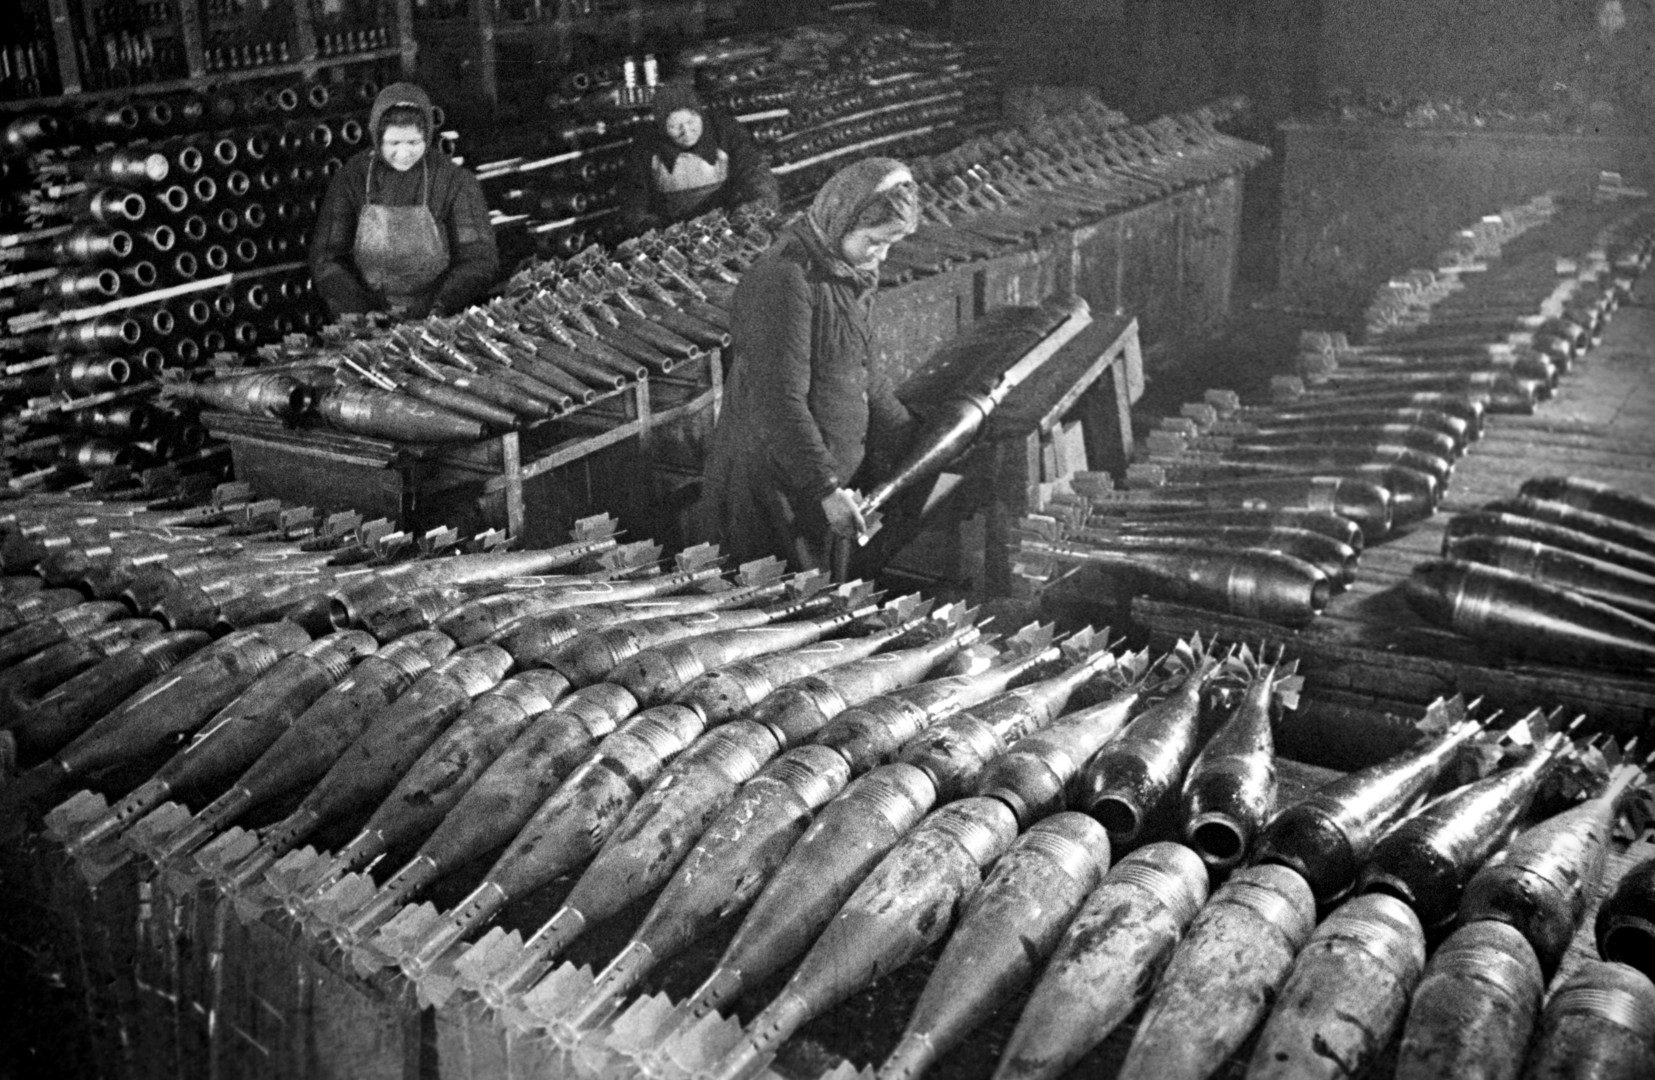 Während des ganzen Krieges arbeiteten sowjetische Frauen bis zu drei Schichten pro Tag.